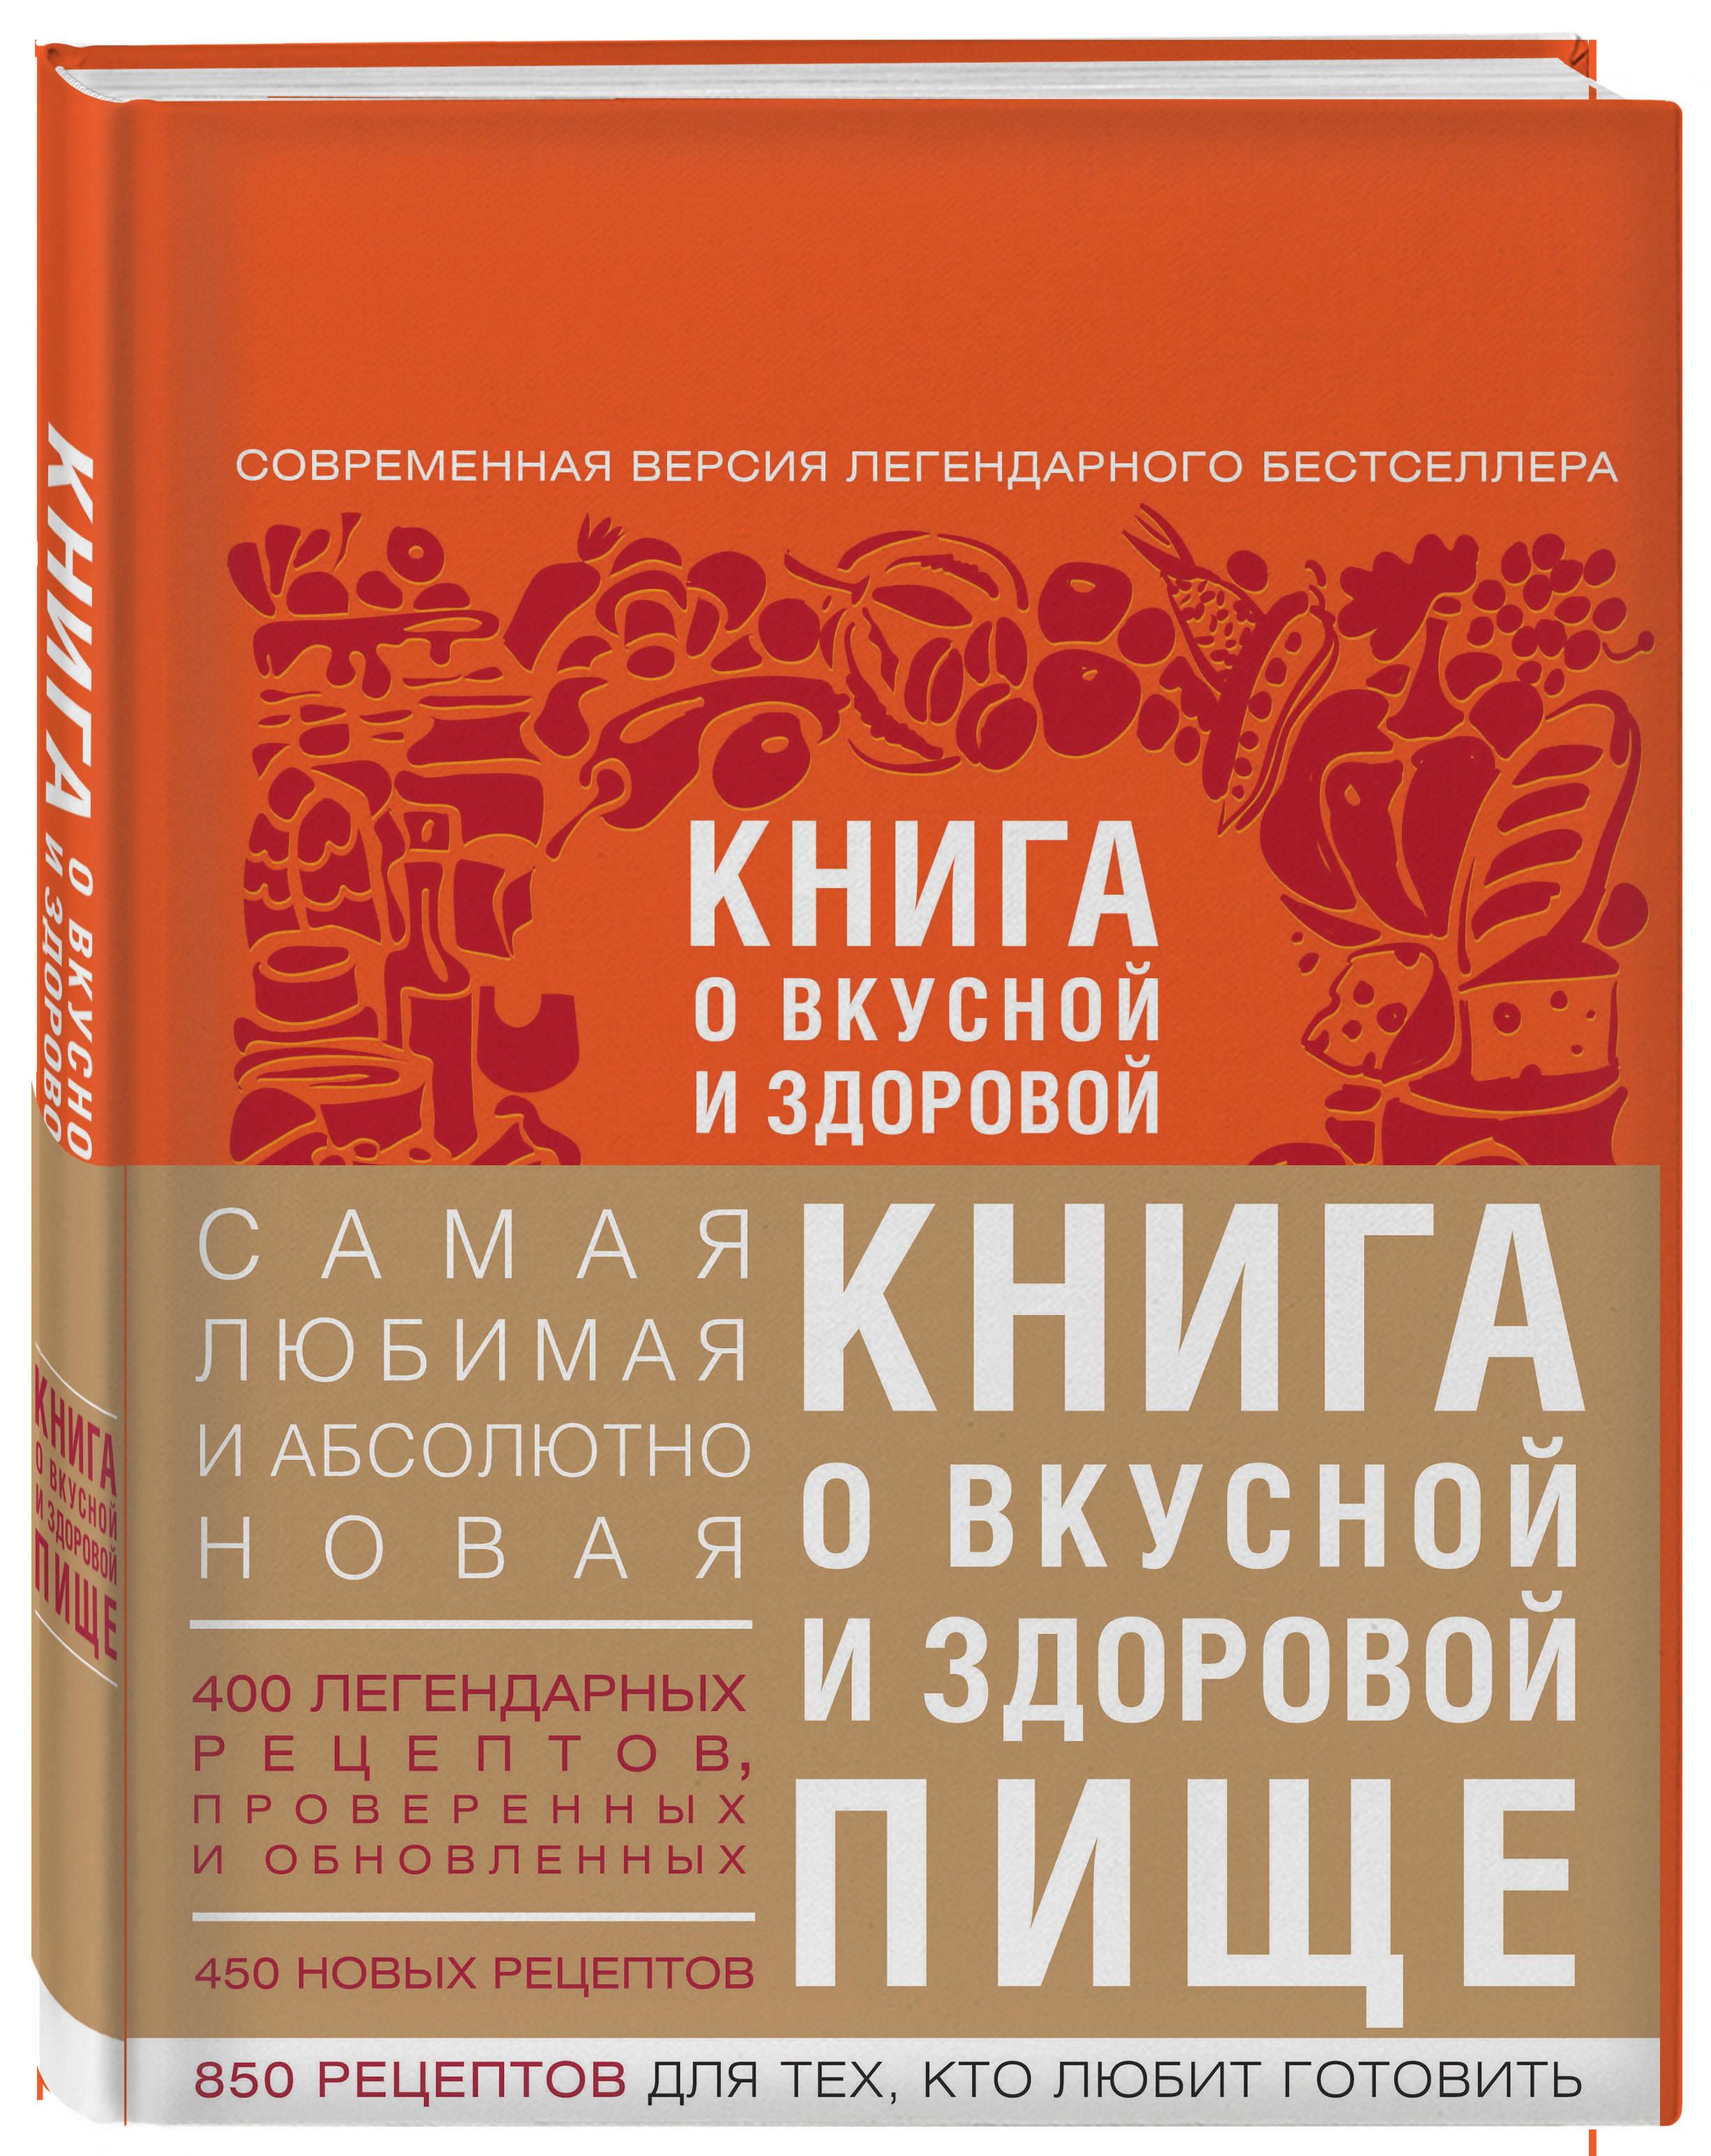 Книга о вкусной и здоровой пище (с институтом питания) оф. 2